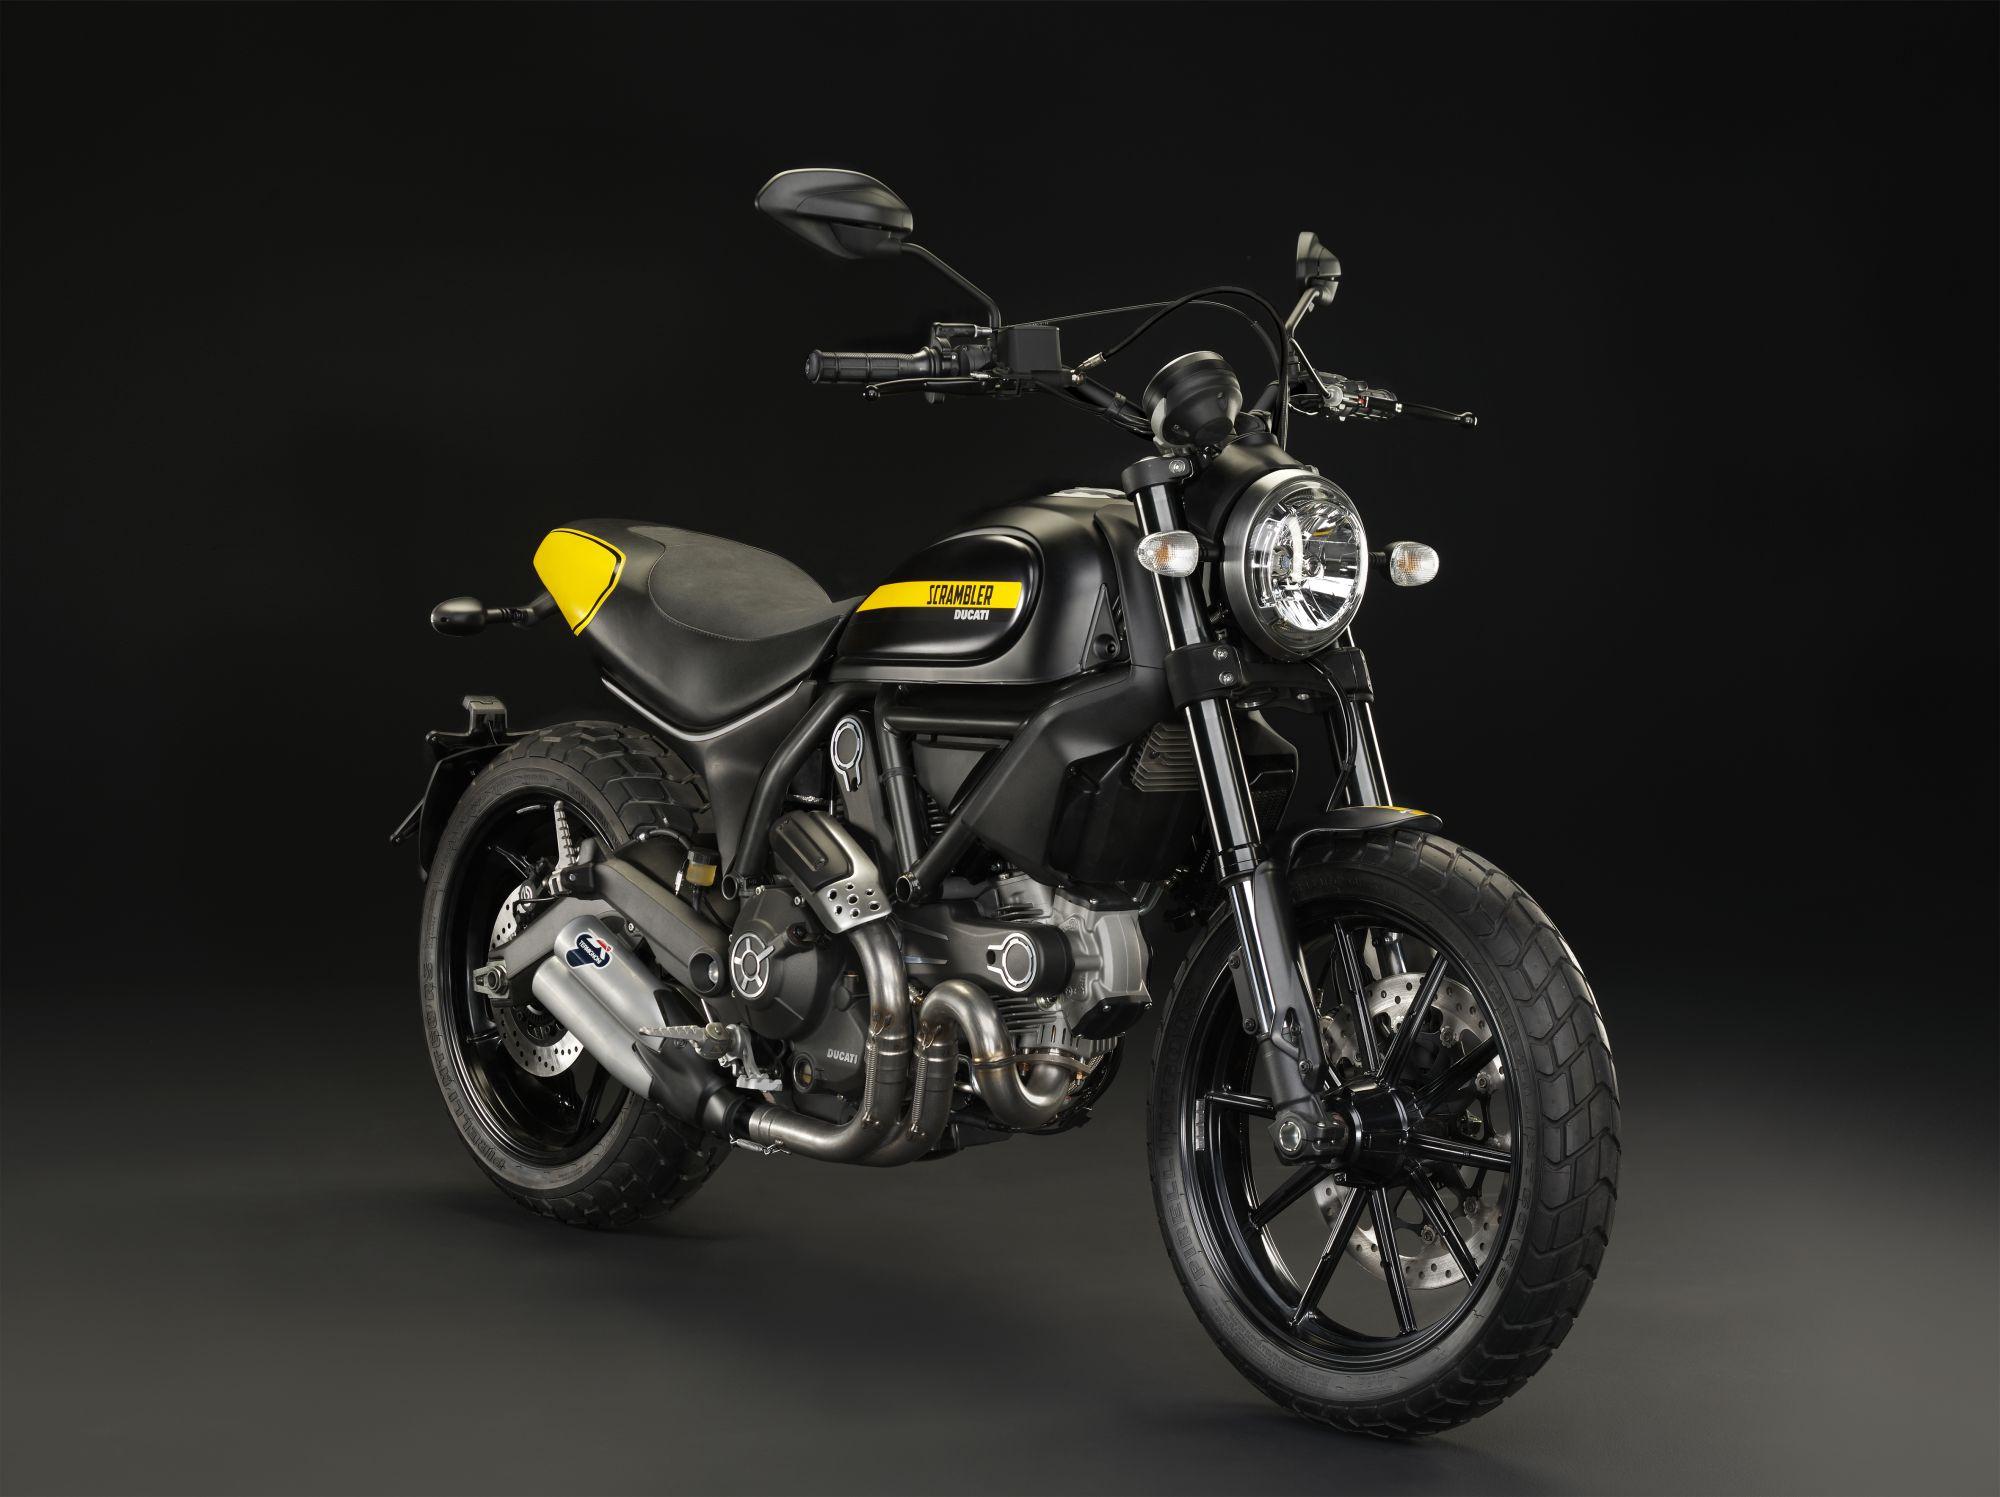 Ducati Scrambler Full Throttle All Technical Data Of The Model